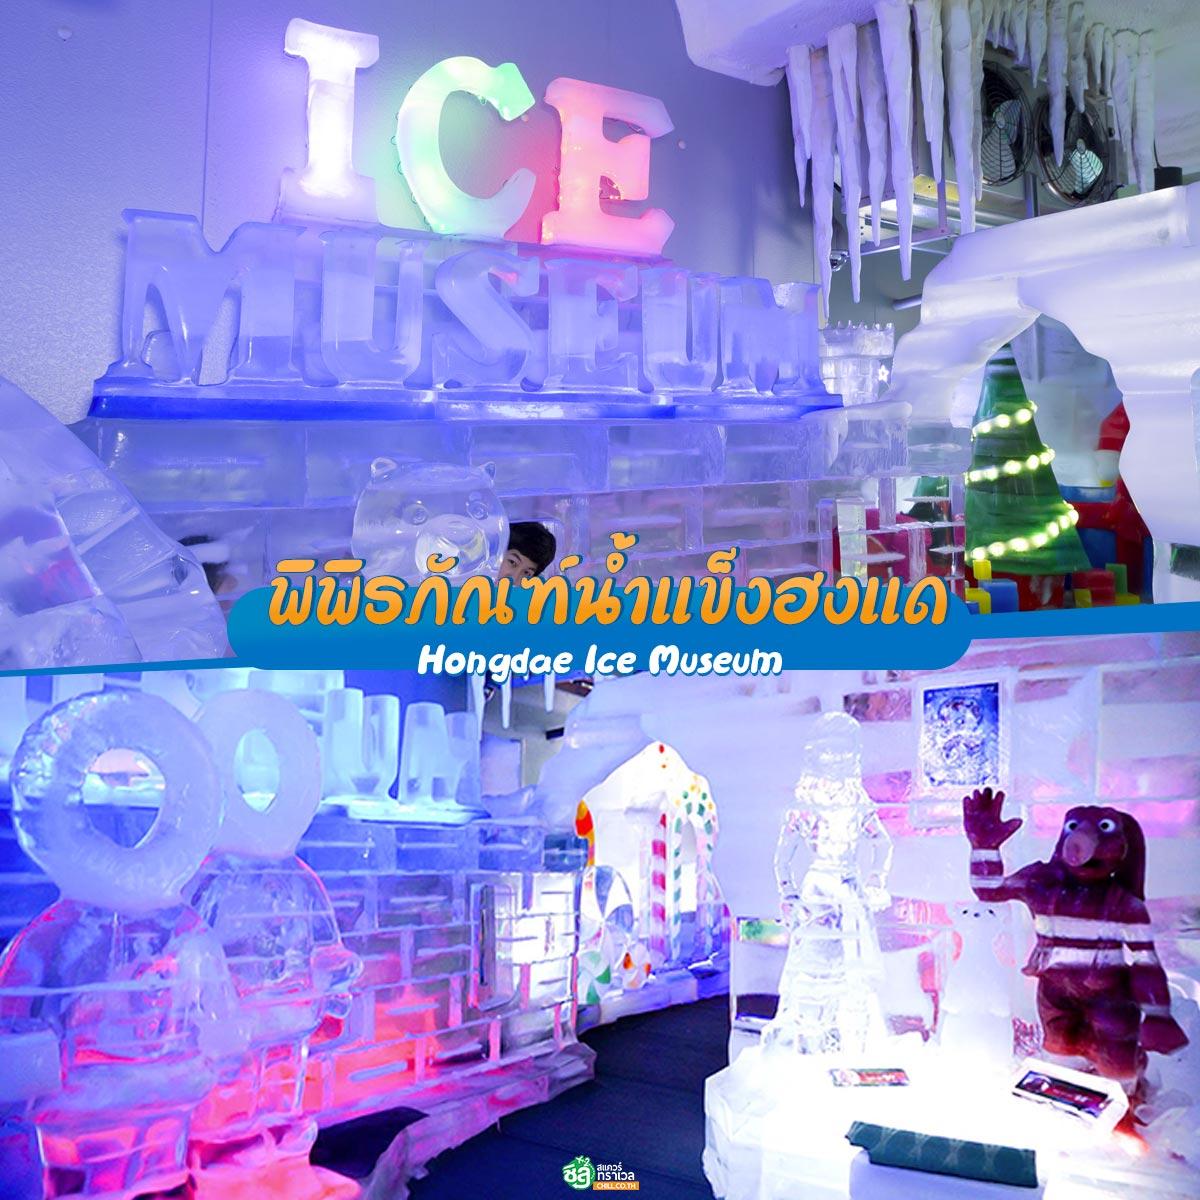 Hongdae Ice Museum